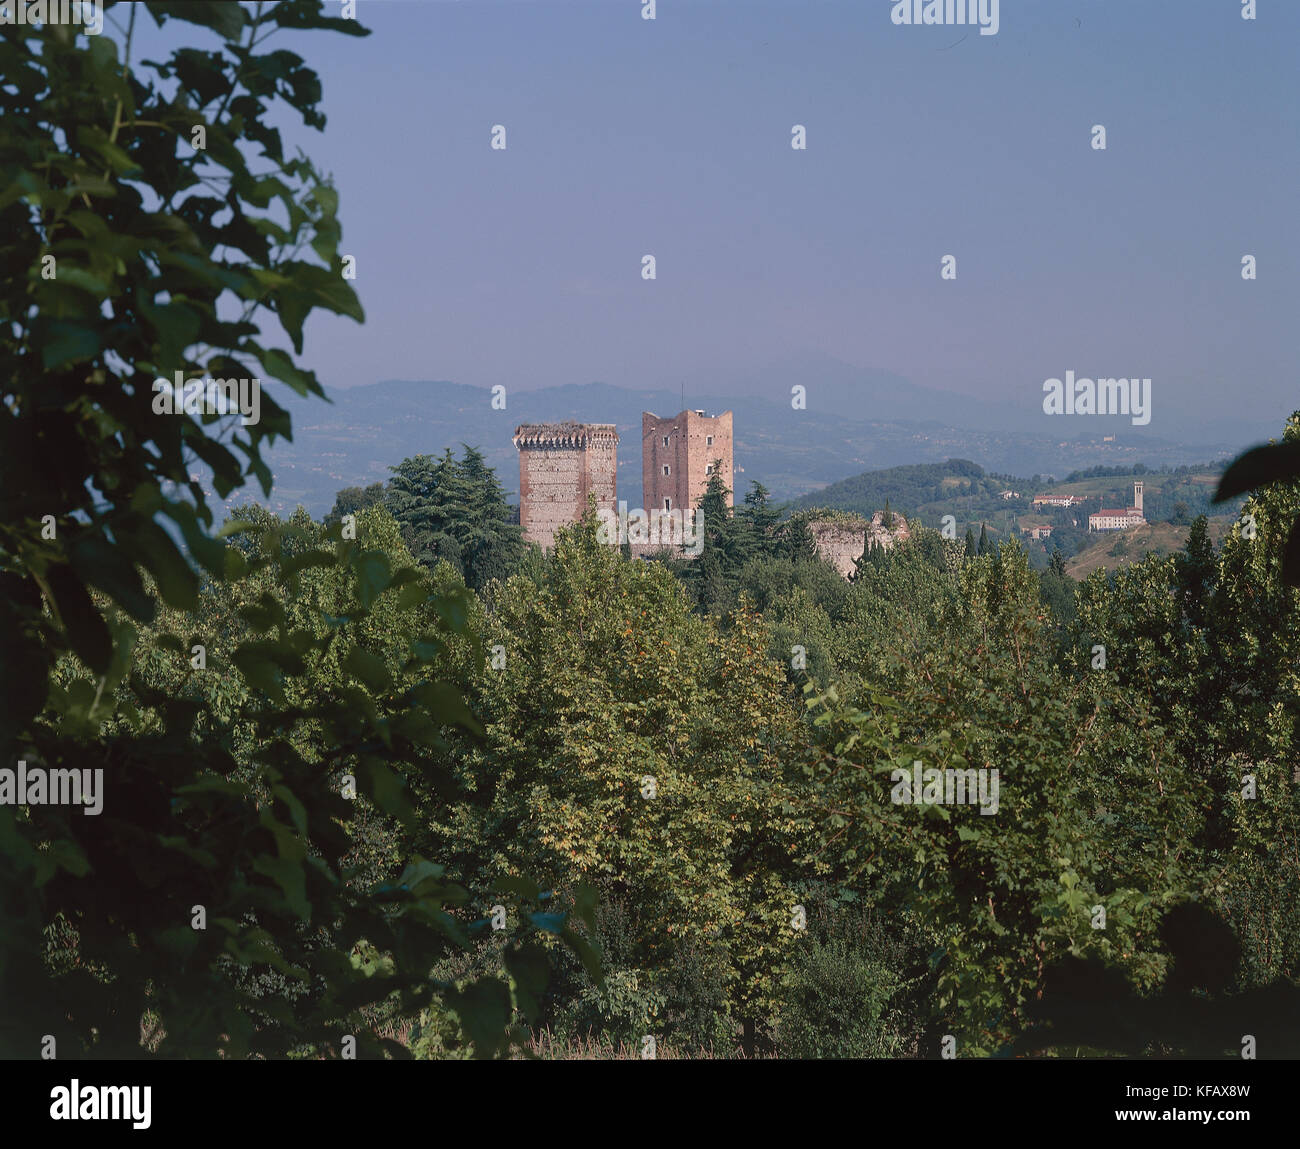 More Of The Castle Villa Veneto Montecchio (Castle Of Romeo) - Stock Image